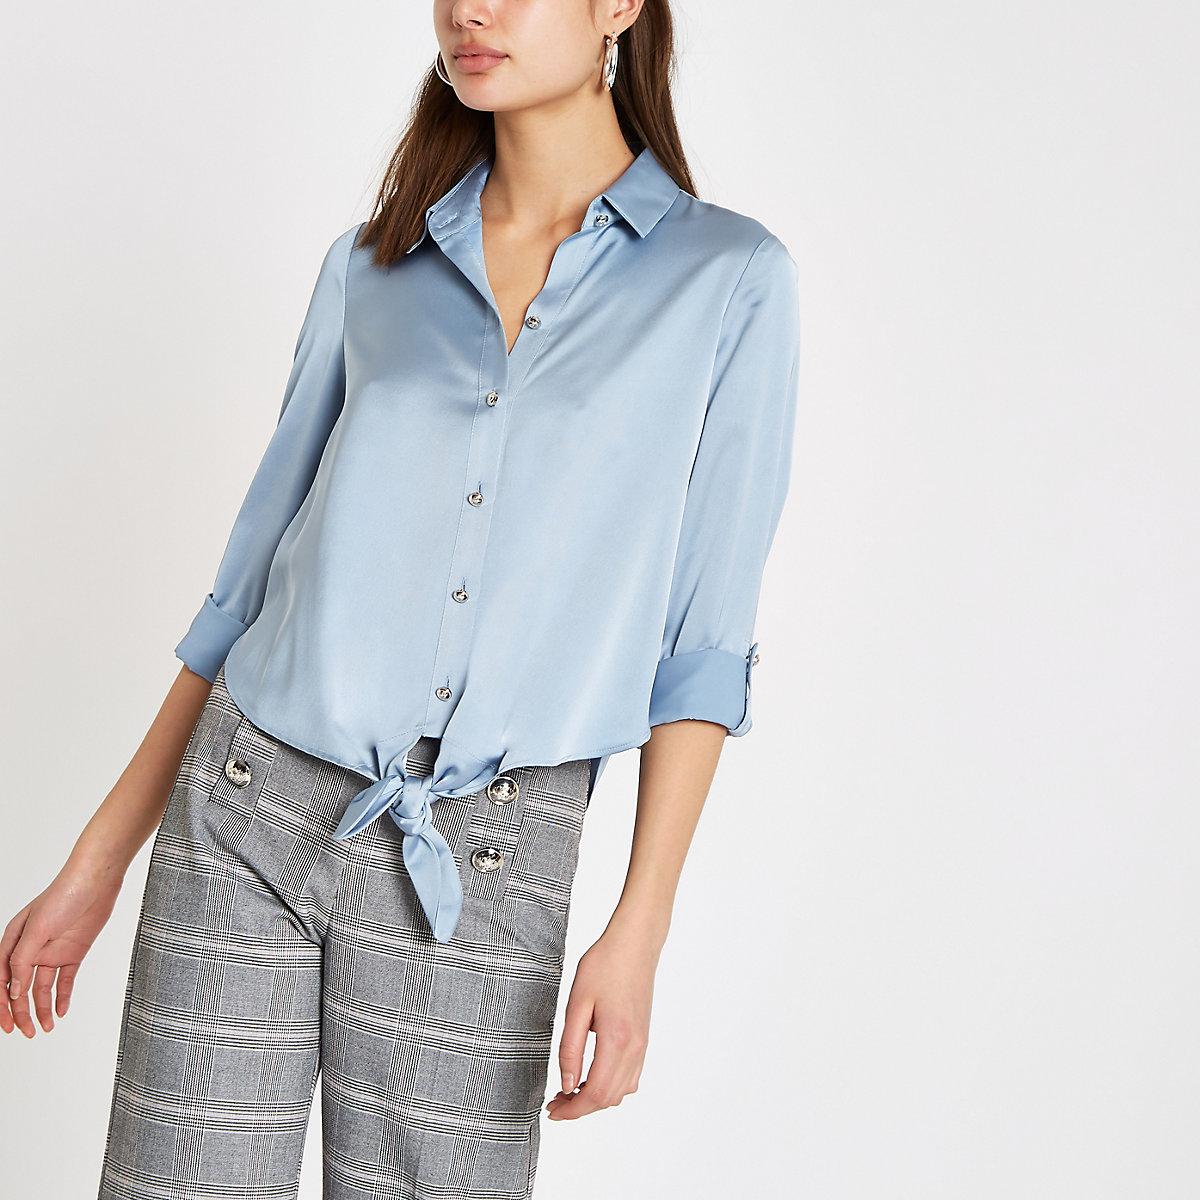 Blauw overhemd met strik voor